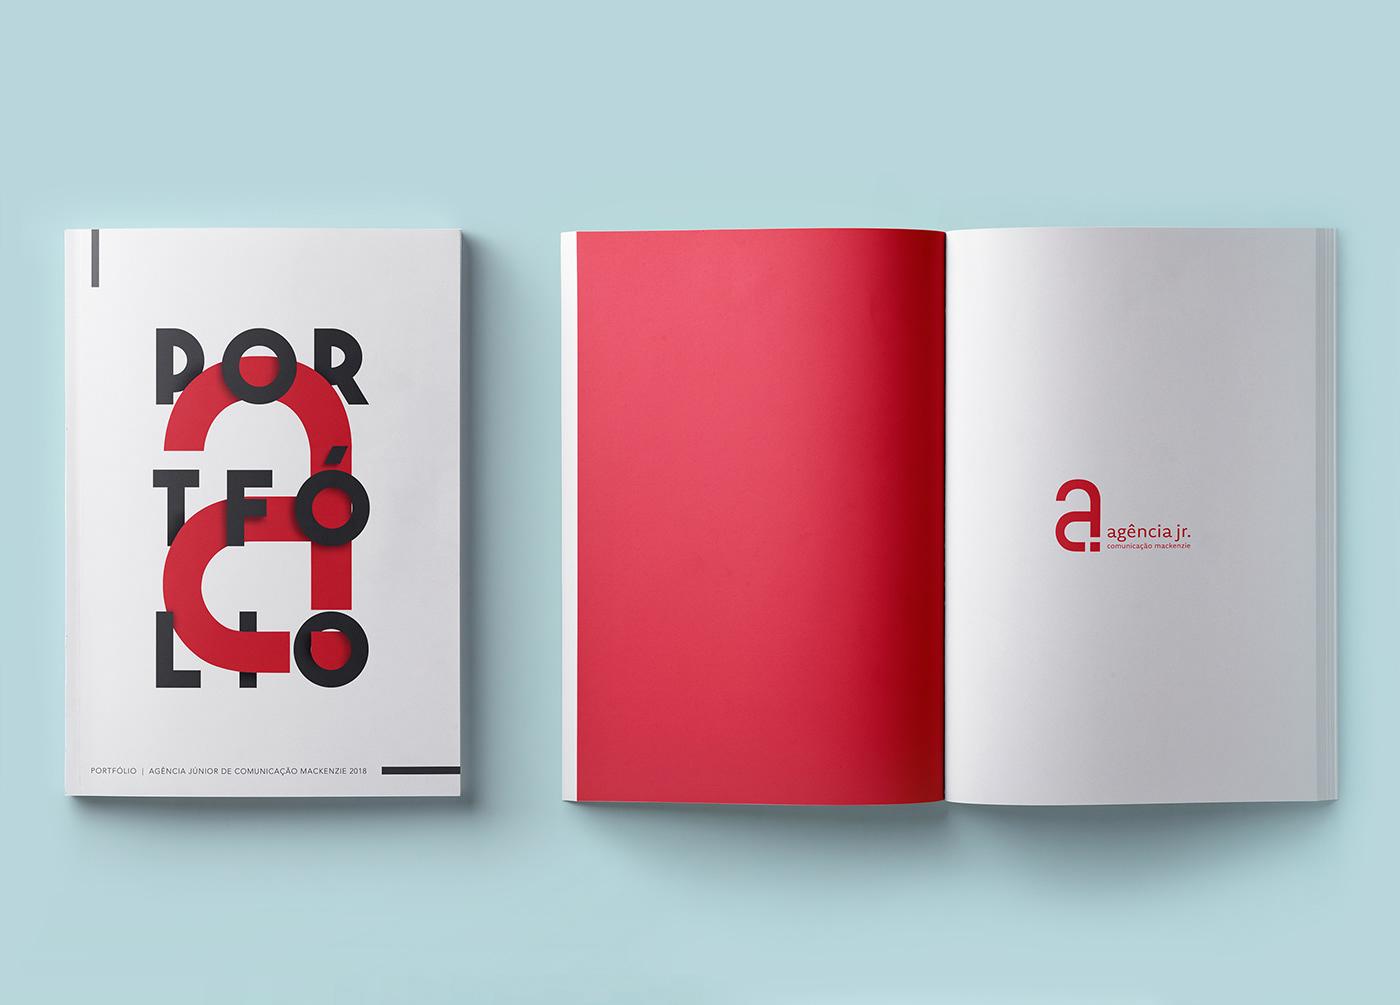 細緻的47款作品集portfolio欣賞